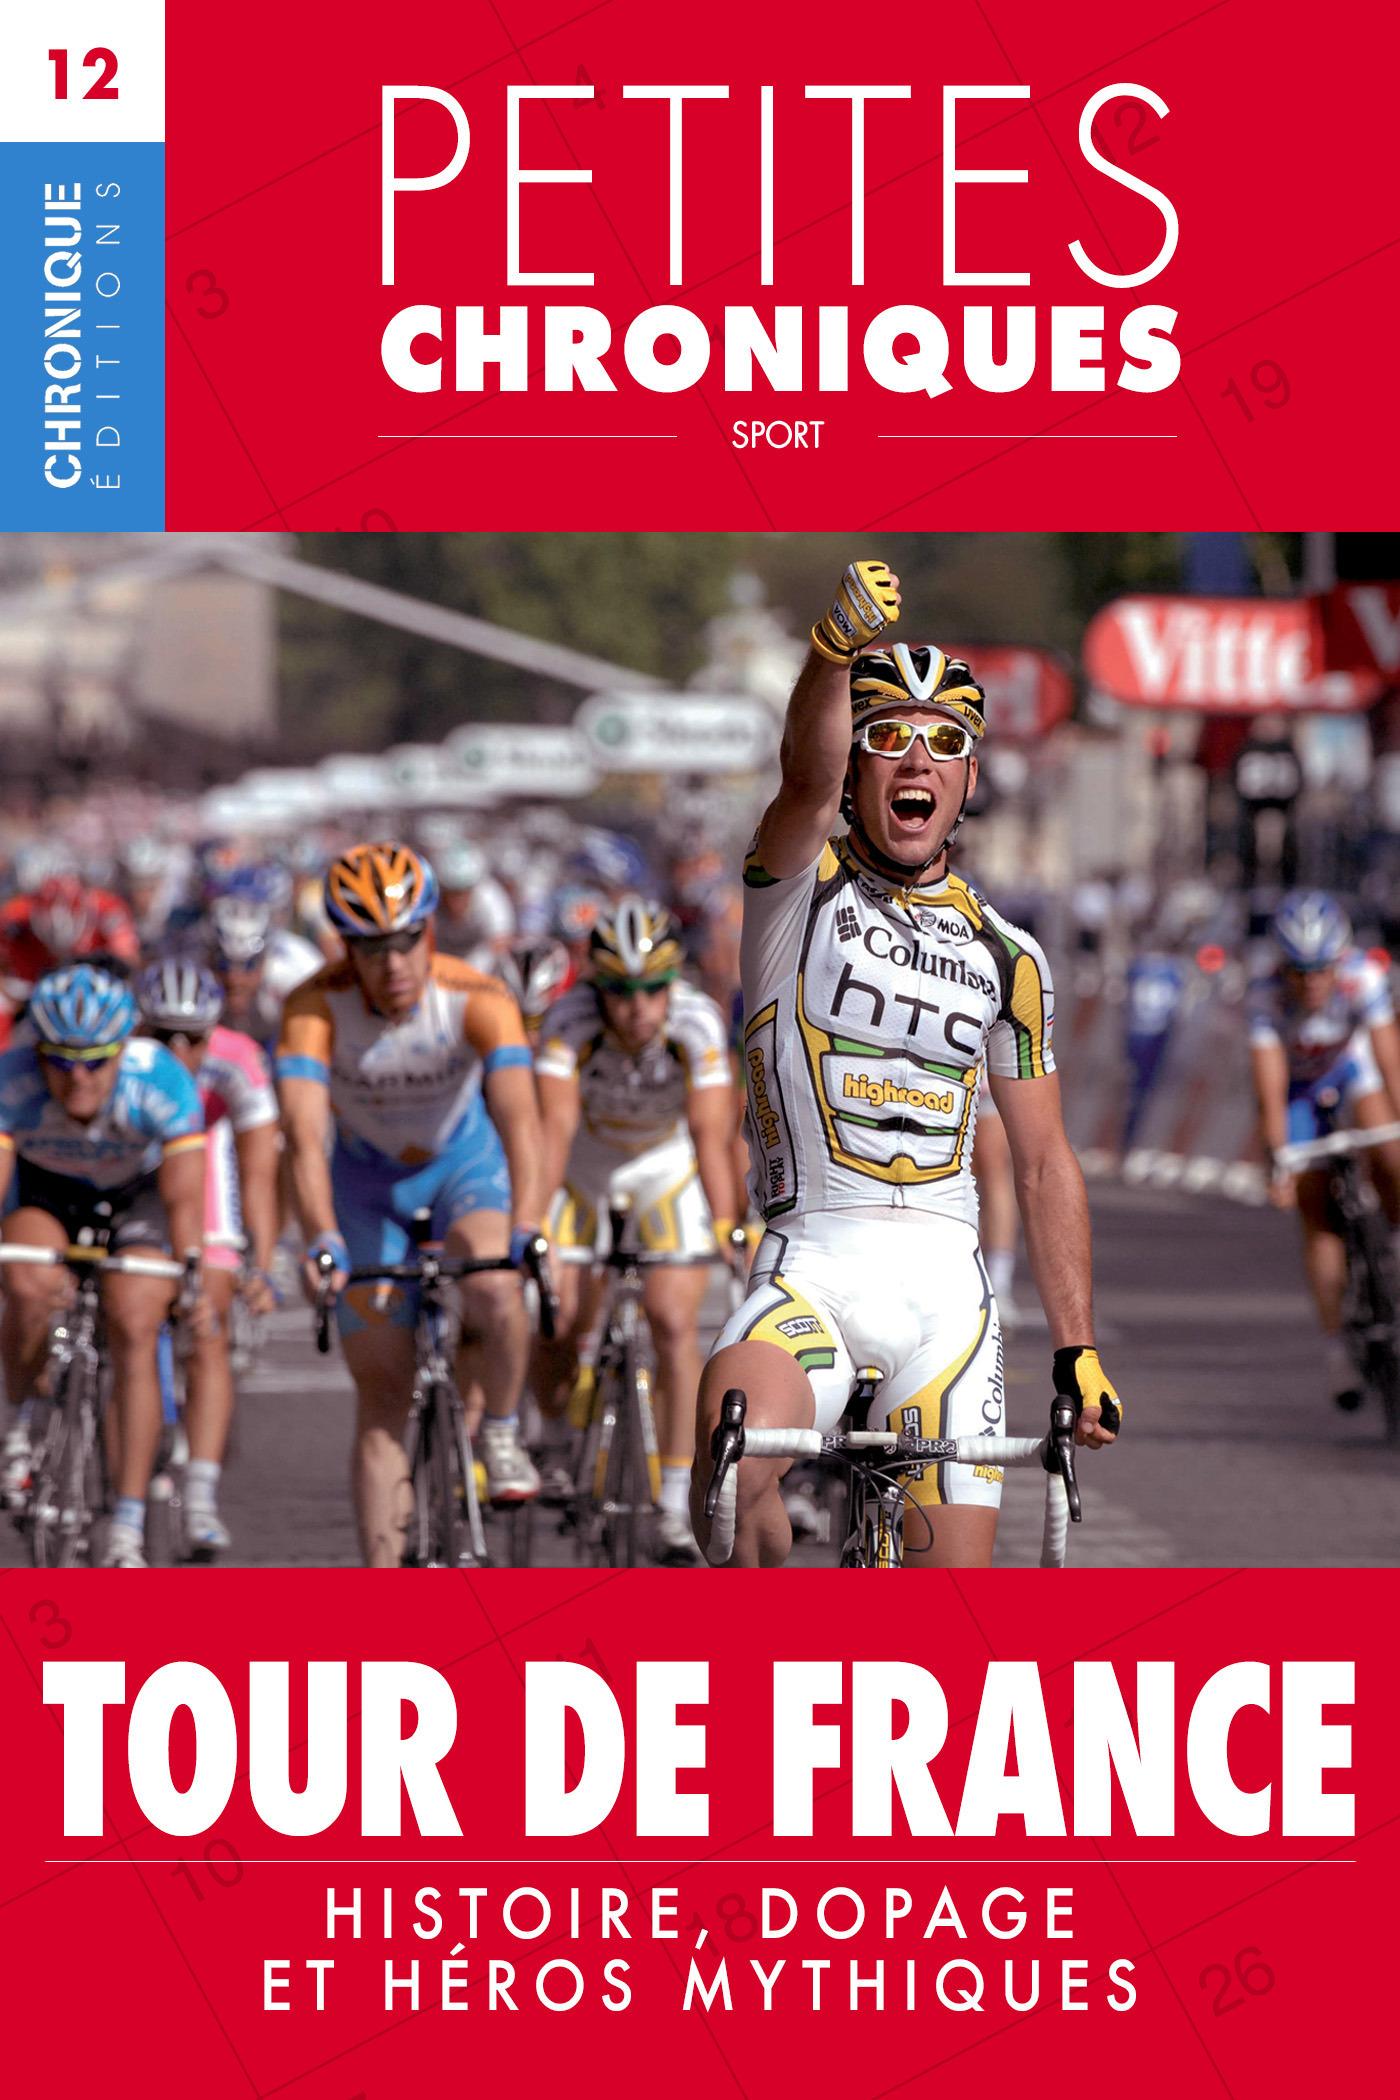 Petites Chroniques #12 : Tour de France - Histoire, dopage et héros mythiques